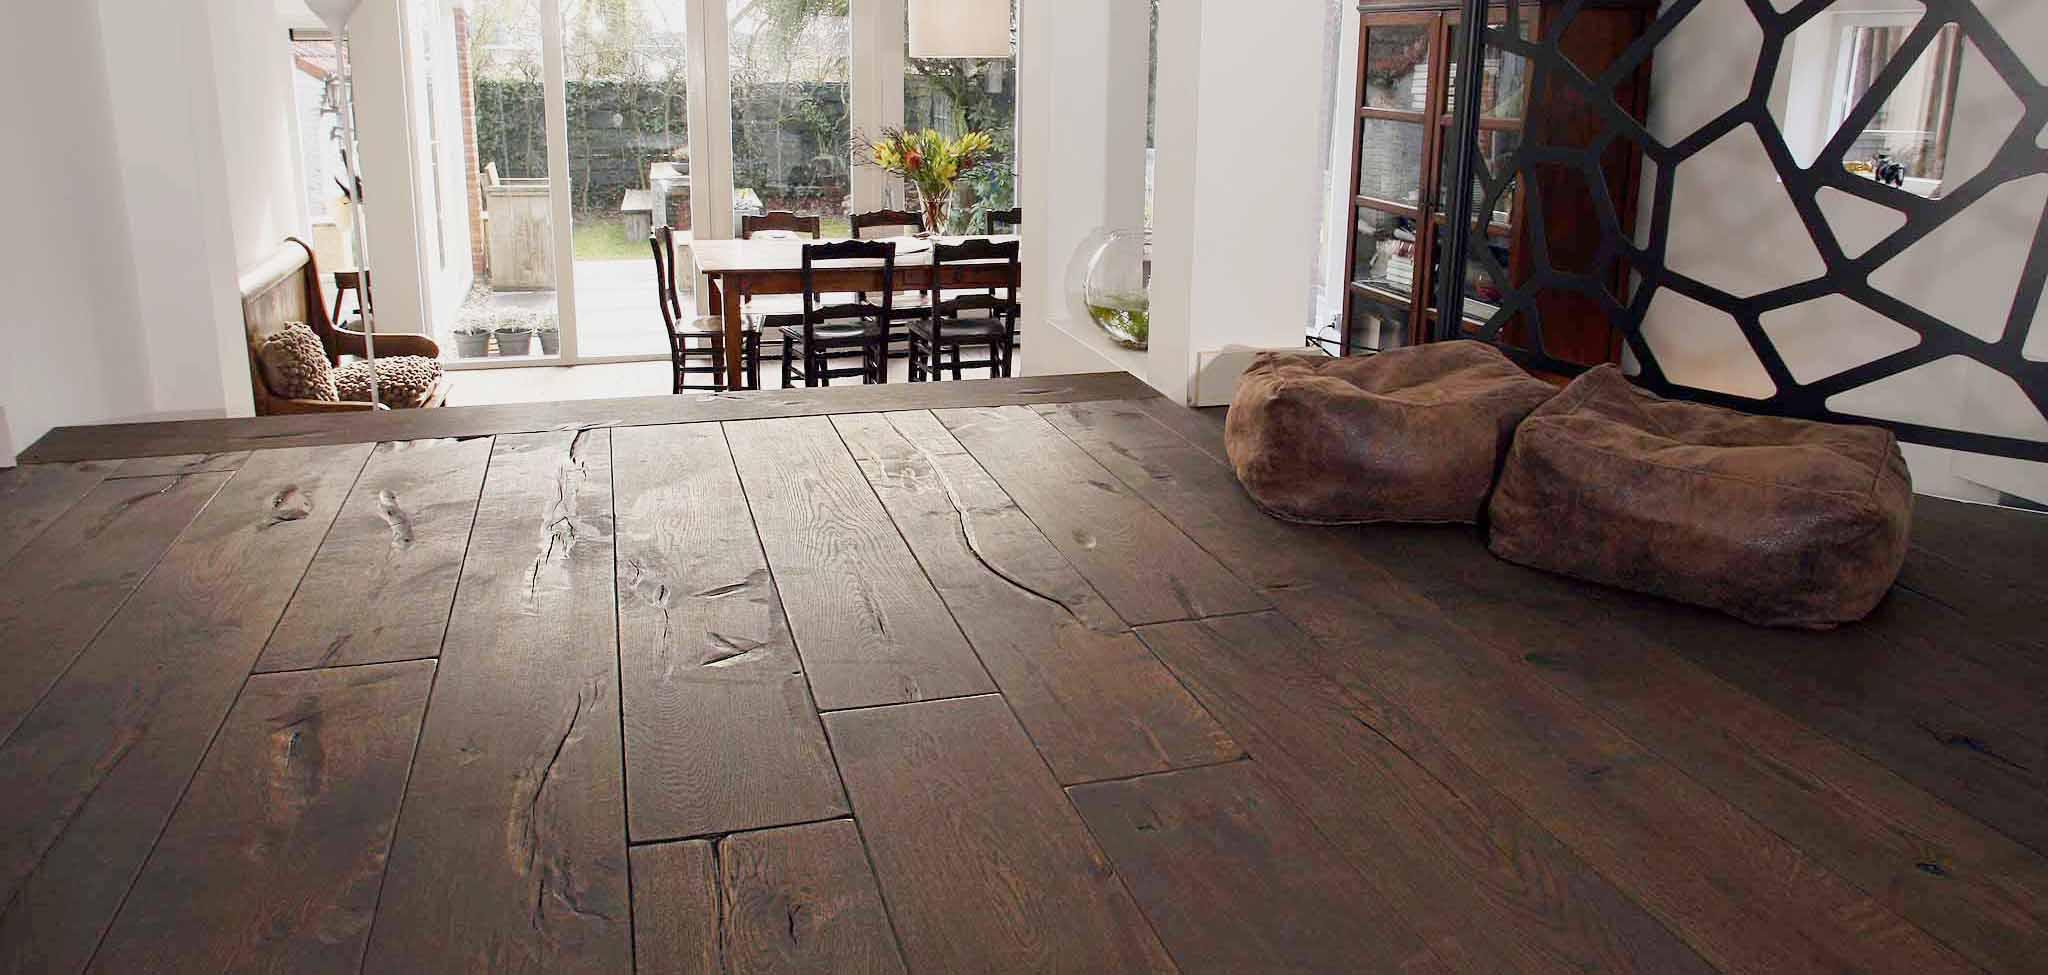 parketvloer reinigen witte houten vloer schoonmaken hoe onderhoud ik mijn geoliede parketvloer. Black Bedroom Furniture Sets. Home Design Ideas